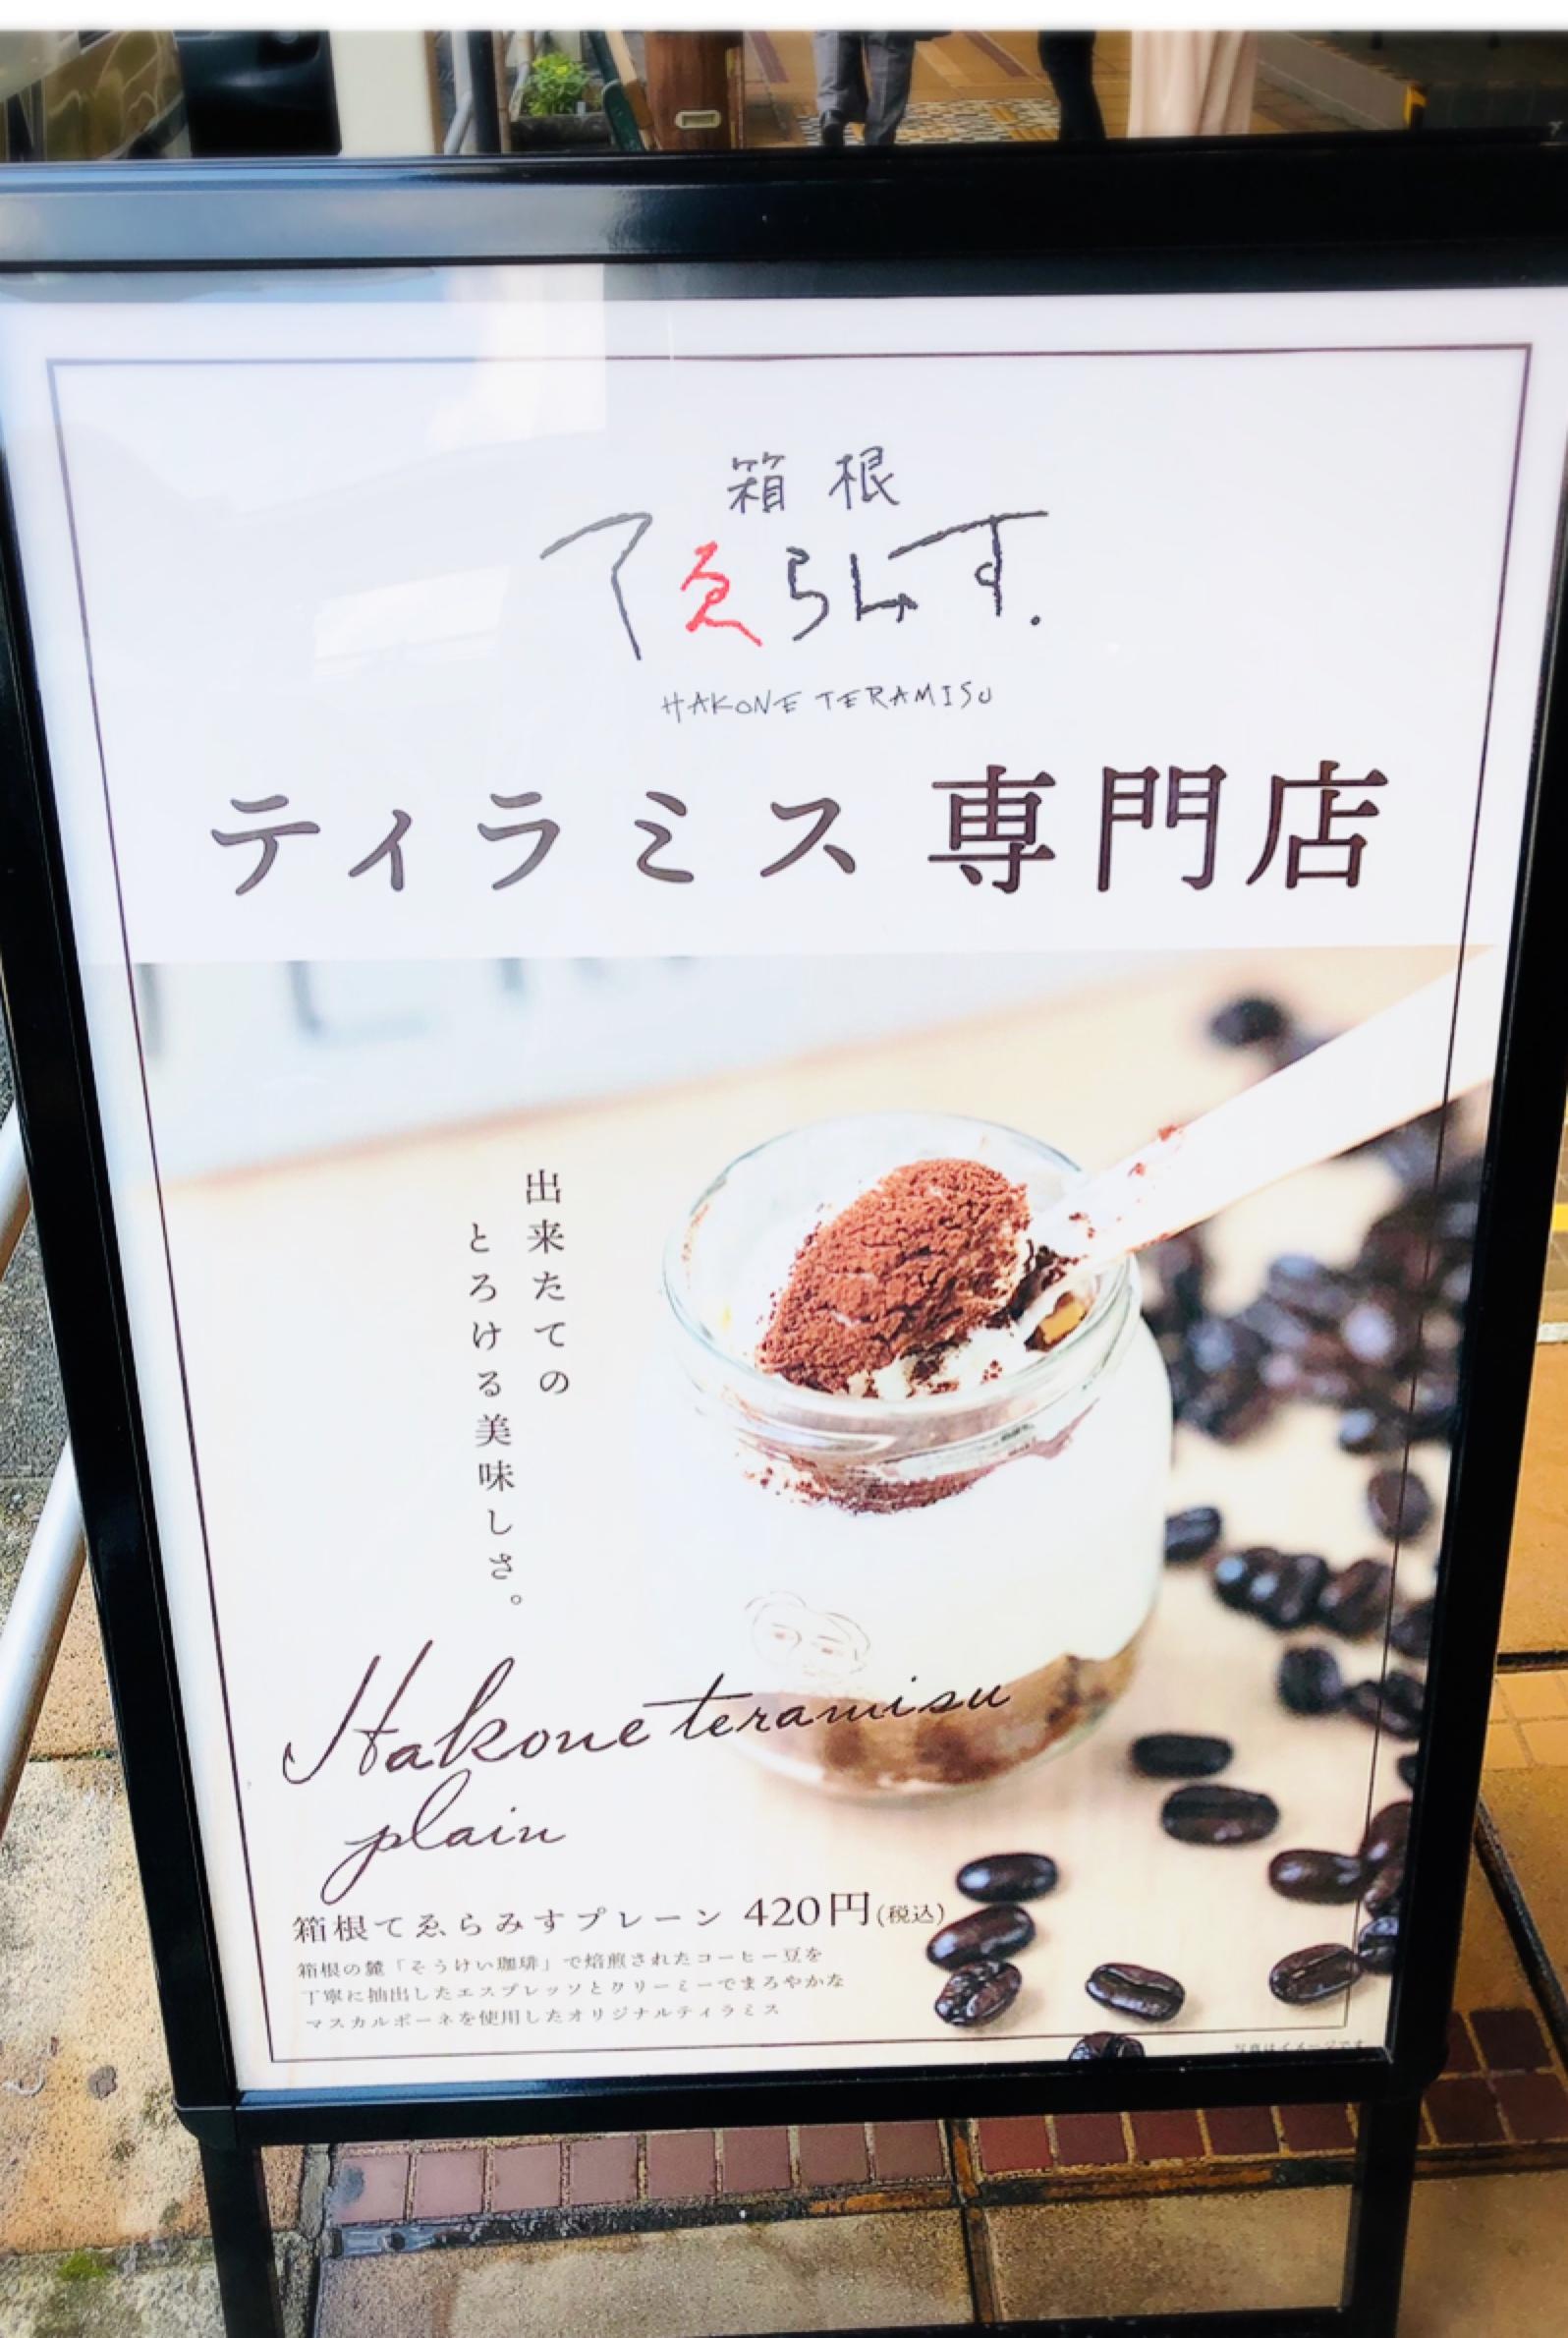 【#箱根】2020年夏OPENのティラミス専門店♡箱根湯本の注目新スポットはココ!《箱根てゑらみす》_2